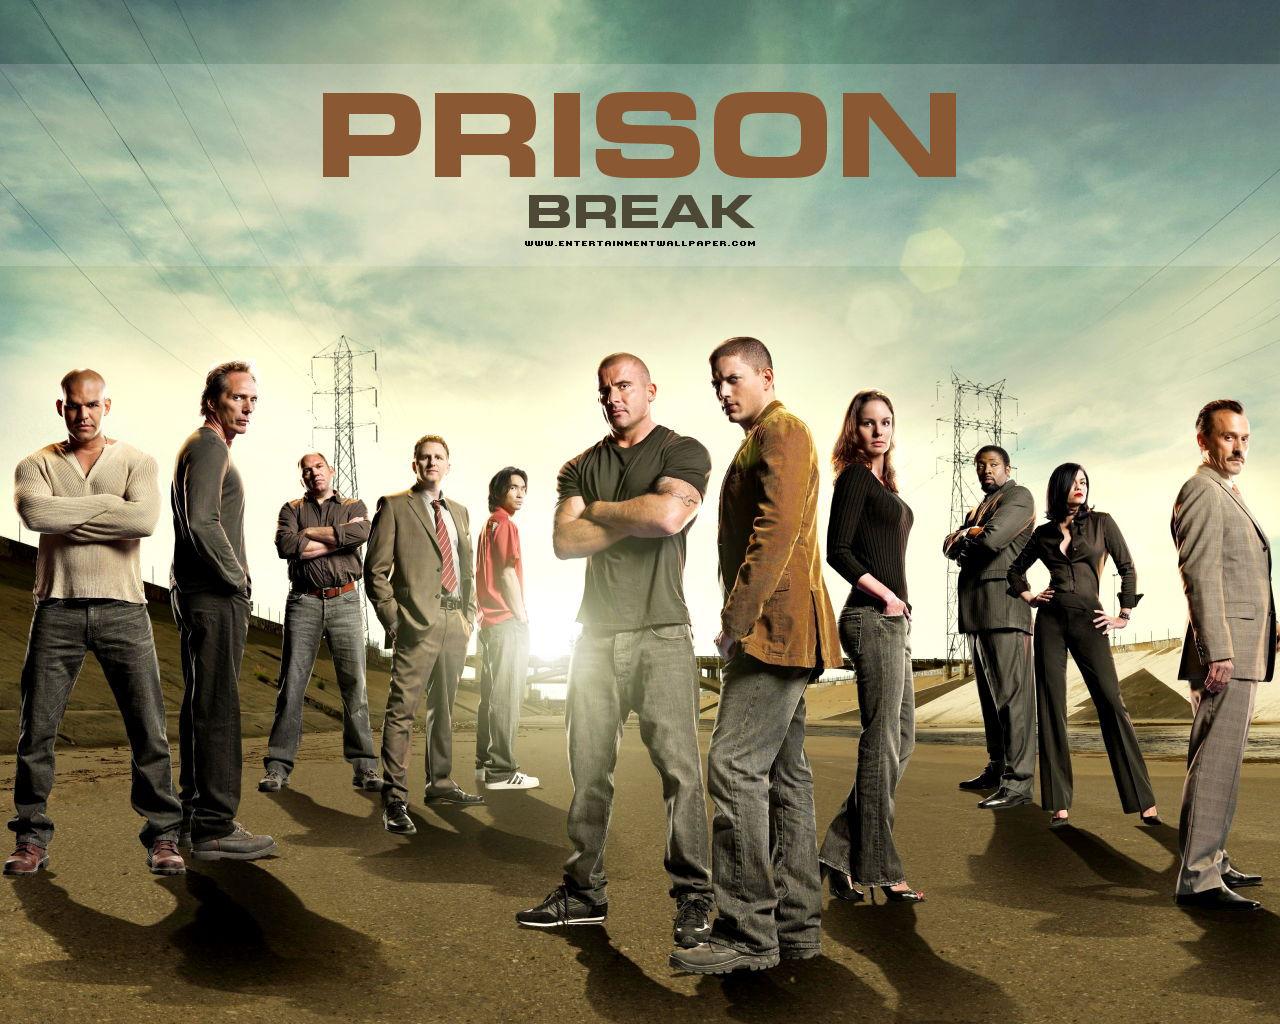 İlk Yabancı Dizim : Prison Break!